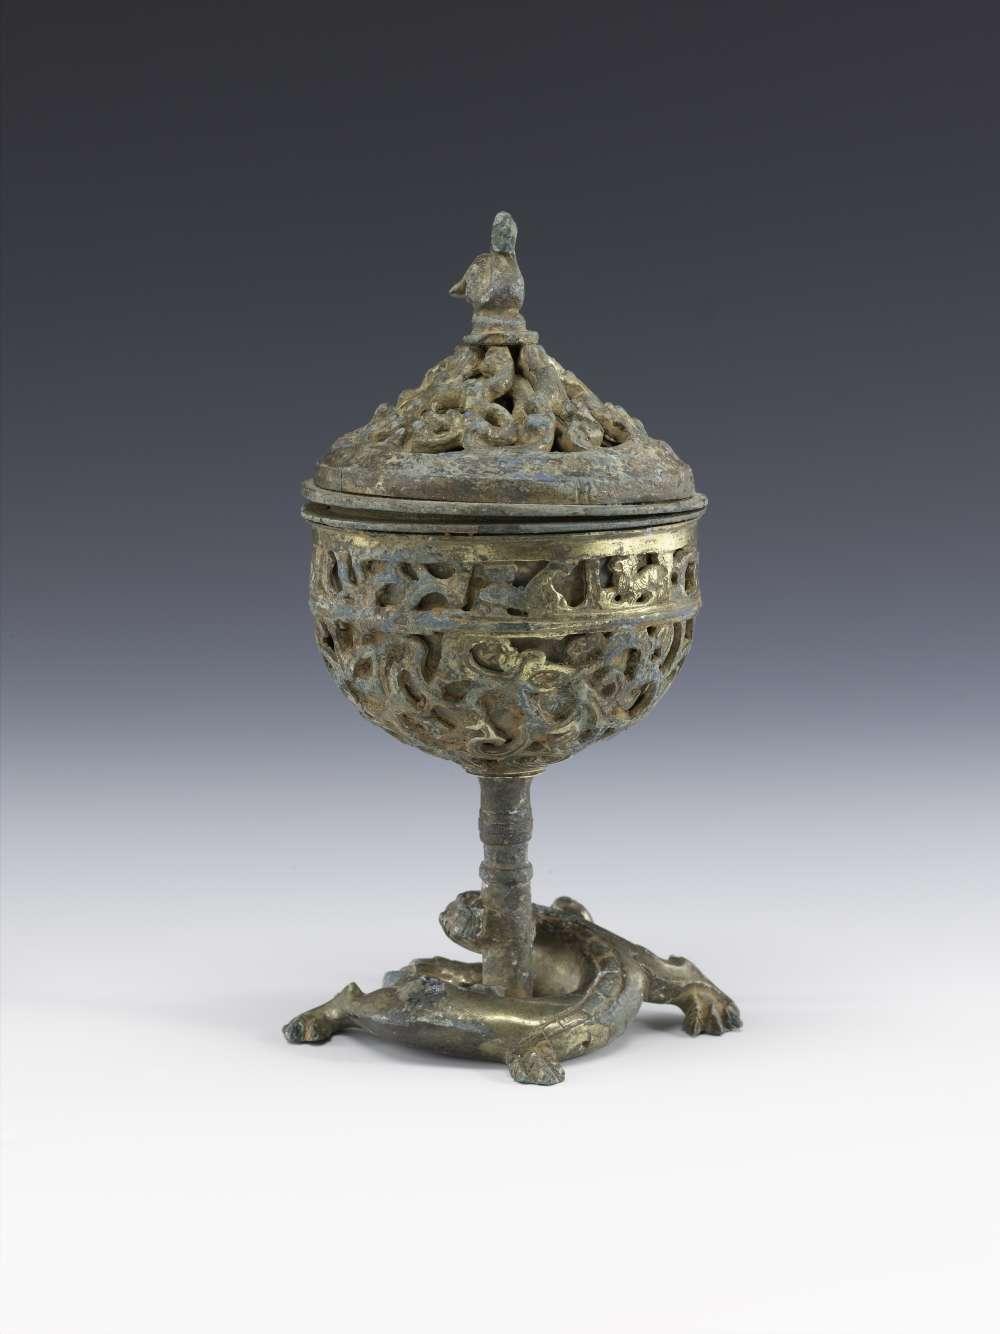 «Les premiers modèles de brûle-parfums connus en Chine s'inspirent de coupes à pied munies d'un couvercle utilisées pour la présentation de liquides lors de cérémonies. A la fin des Royaumes combattants (453-221 av. J.-C.), cette forme de coupe est détournée pour devenir un brûle-parfum grâce à un couvercle ajouré, laissant s'échapper les fumées odorantes.»